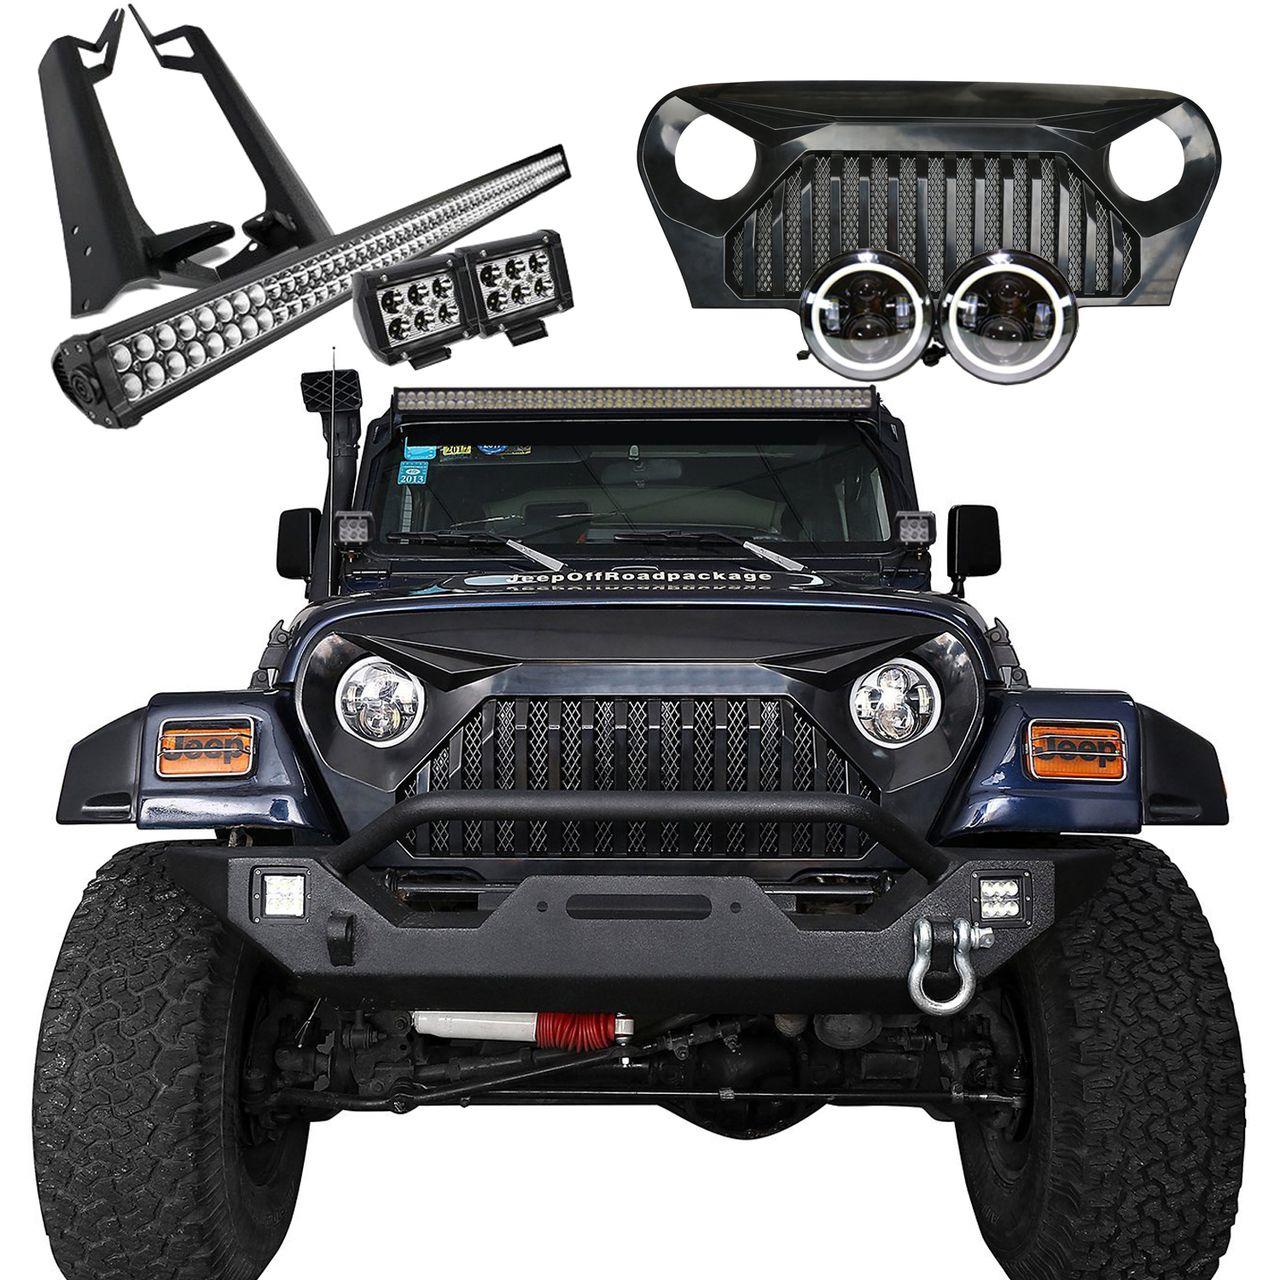 Jeep Tj Mega Bundle Light Bar Pods Halo Headlights Vader Grille Leds 4 Less Trucks Diesel Trucks Ford Trucks